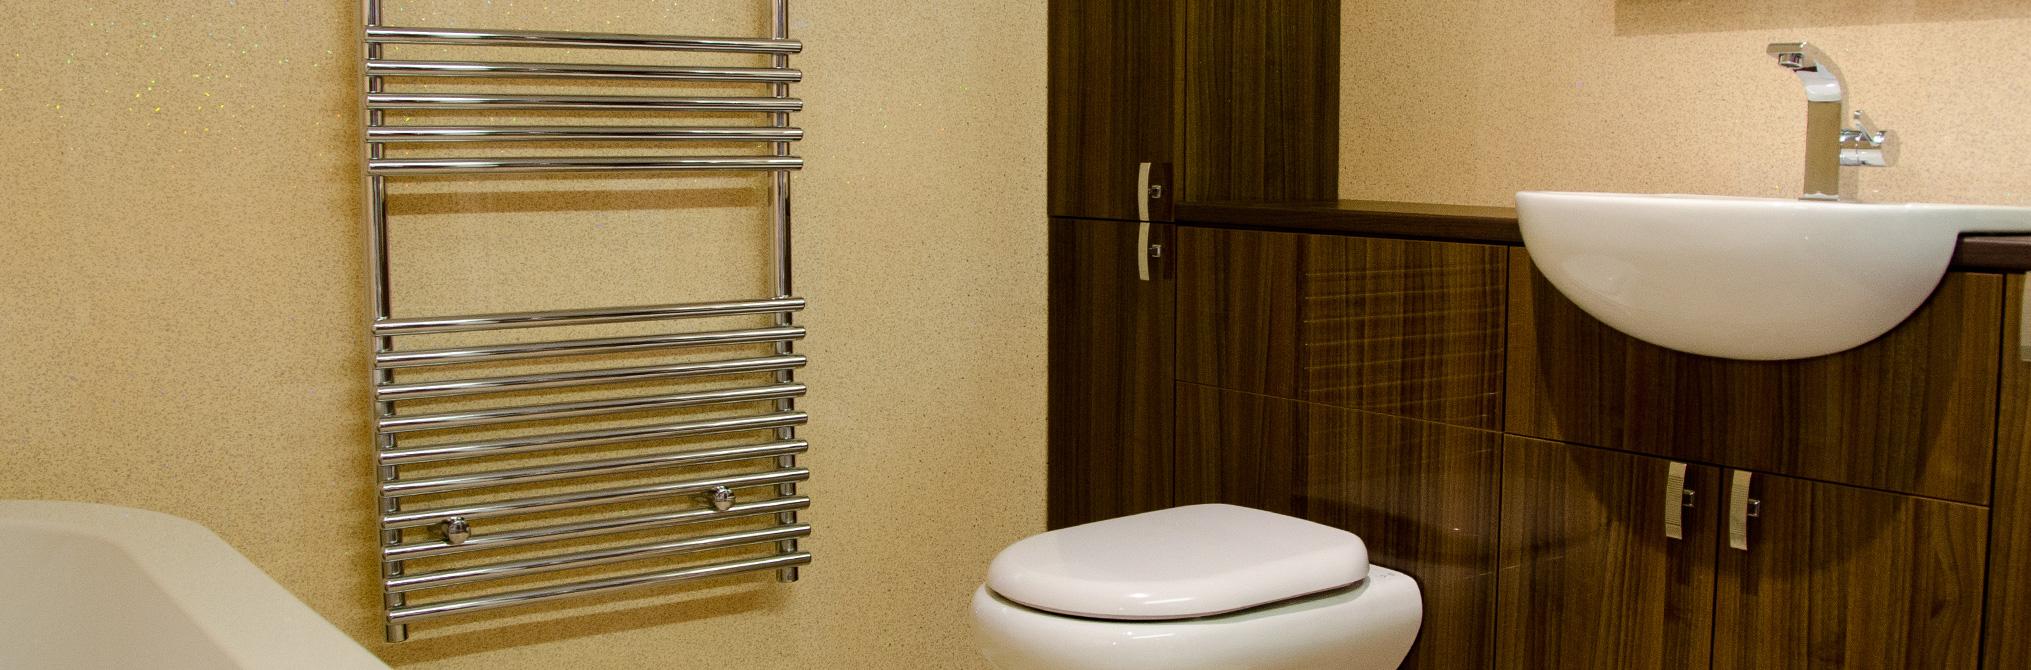 Superpaneling bathroom cladding slider